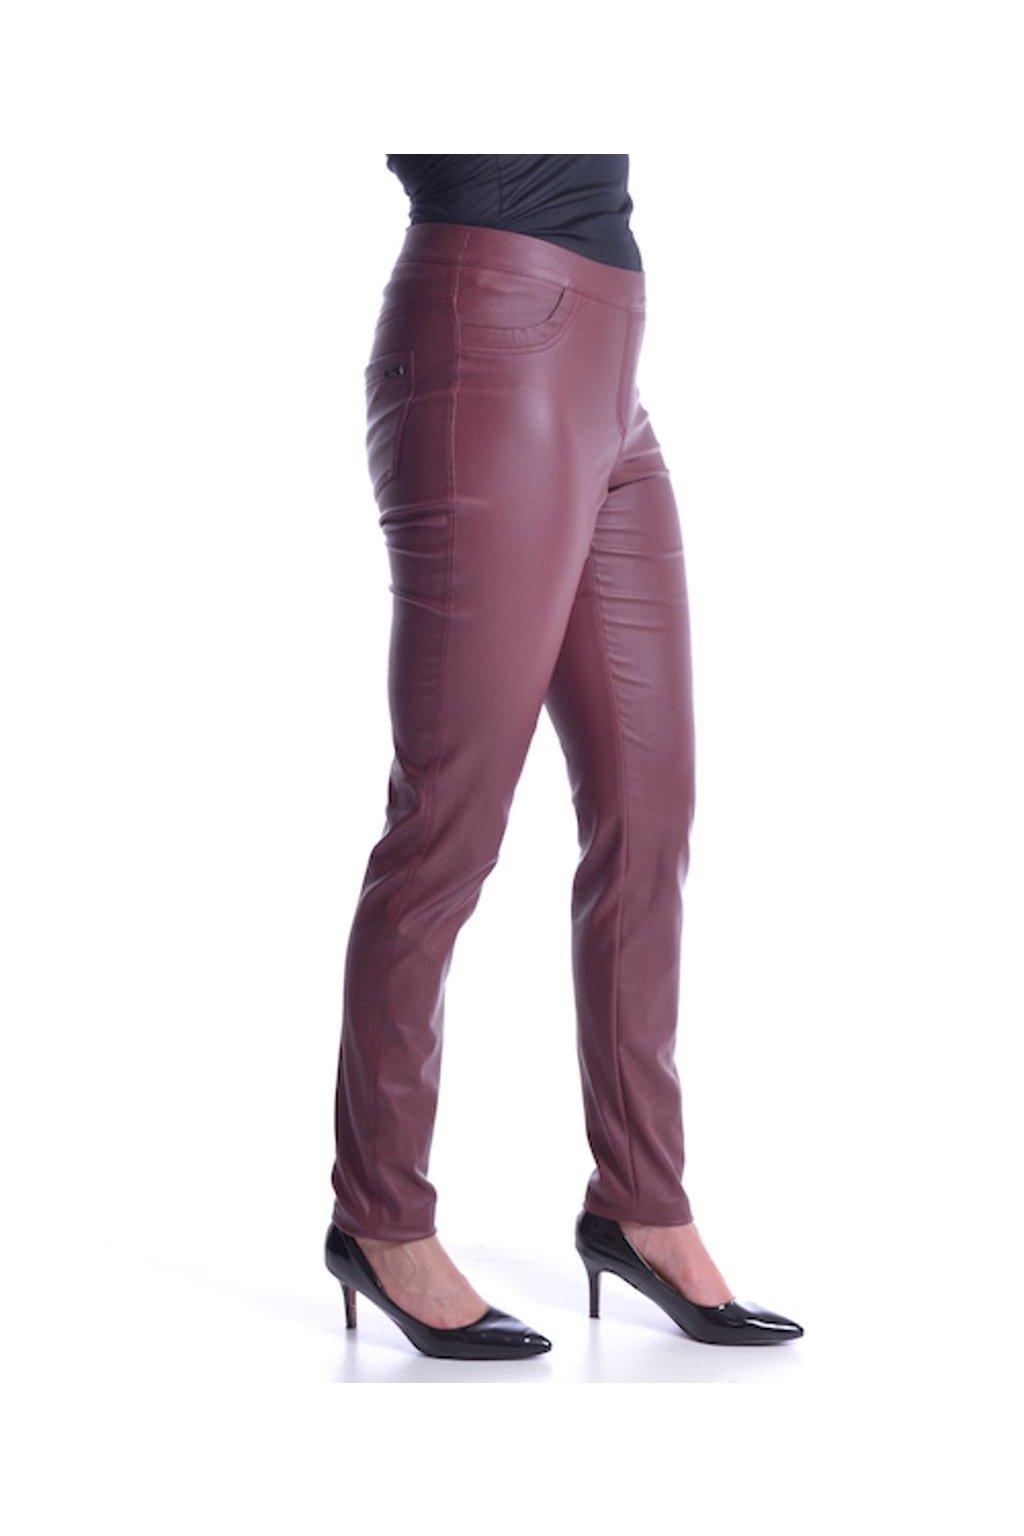 64T Kalhoty koženka (Velikost 36, Barva Vínová)